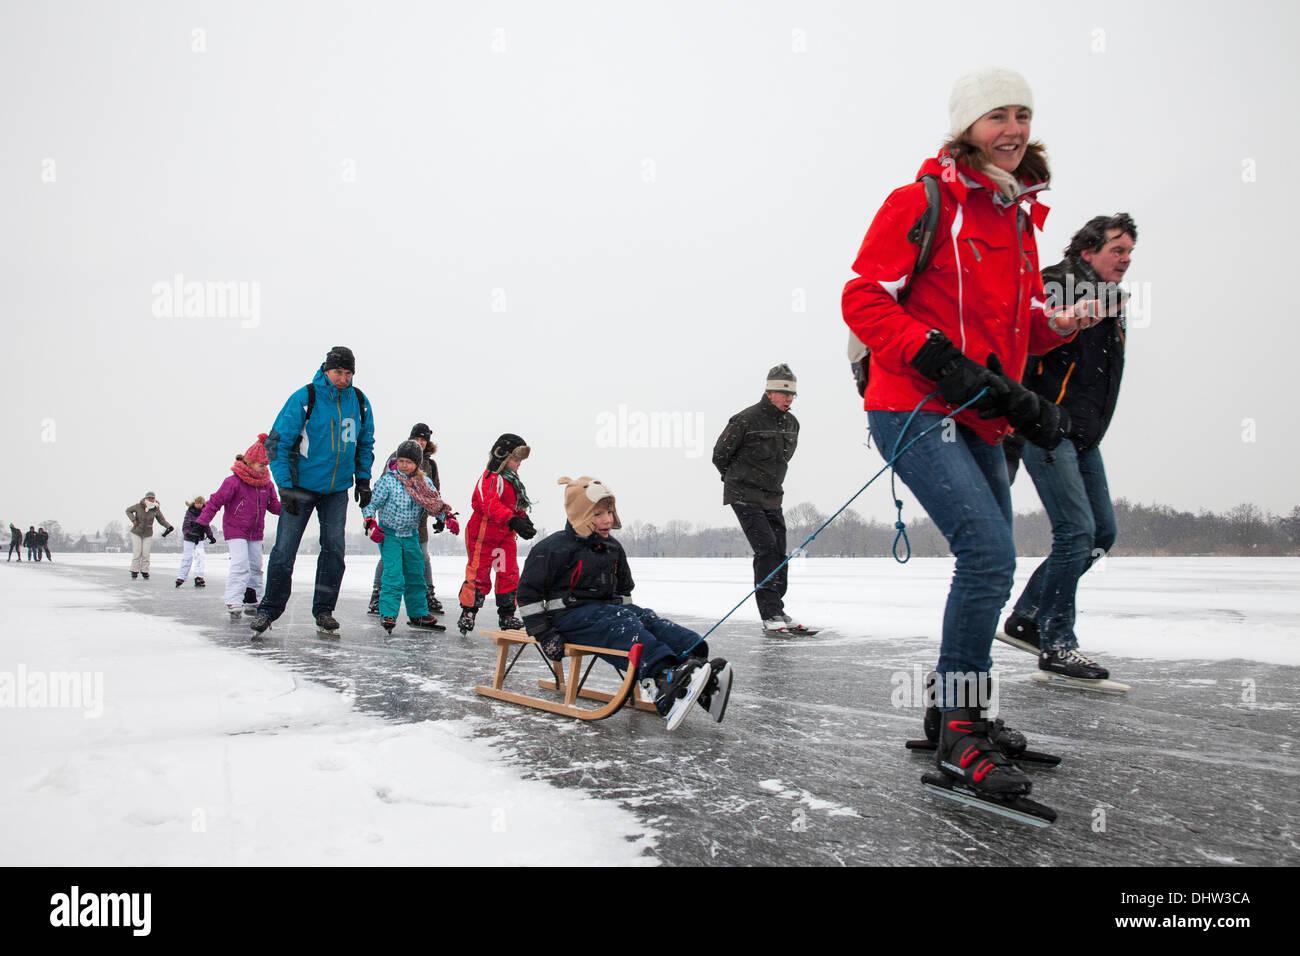 Netherlands, Loosdrecht, Lakes called Loosdrechtse Plassen. Winter. Family ice skating with sledge - Stock Image